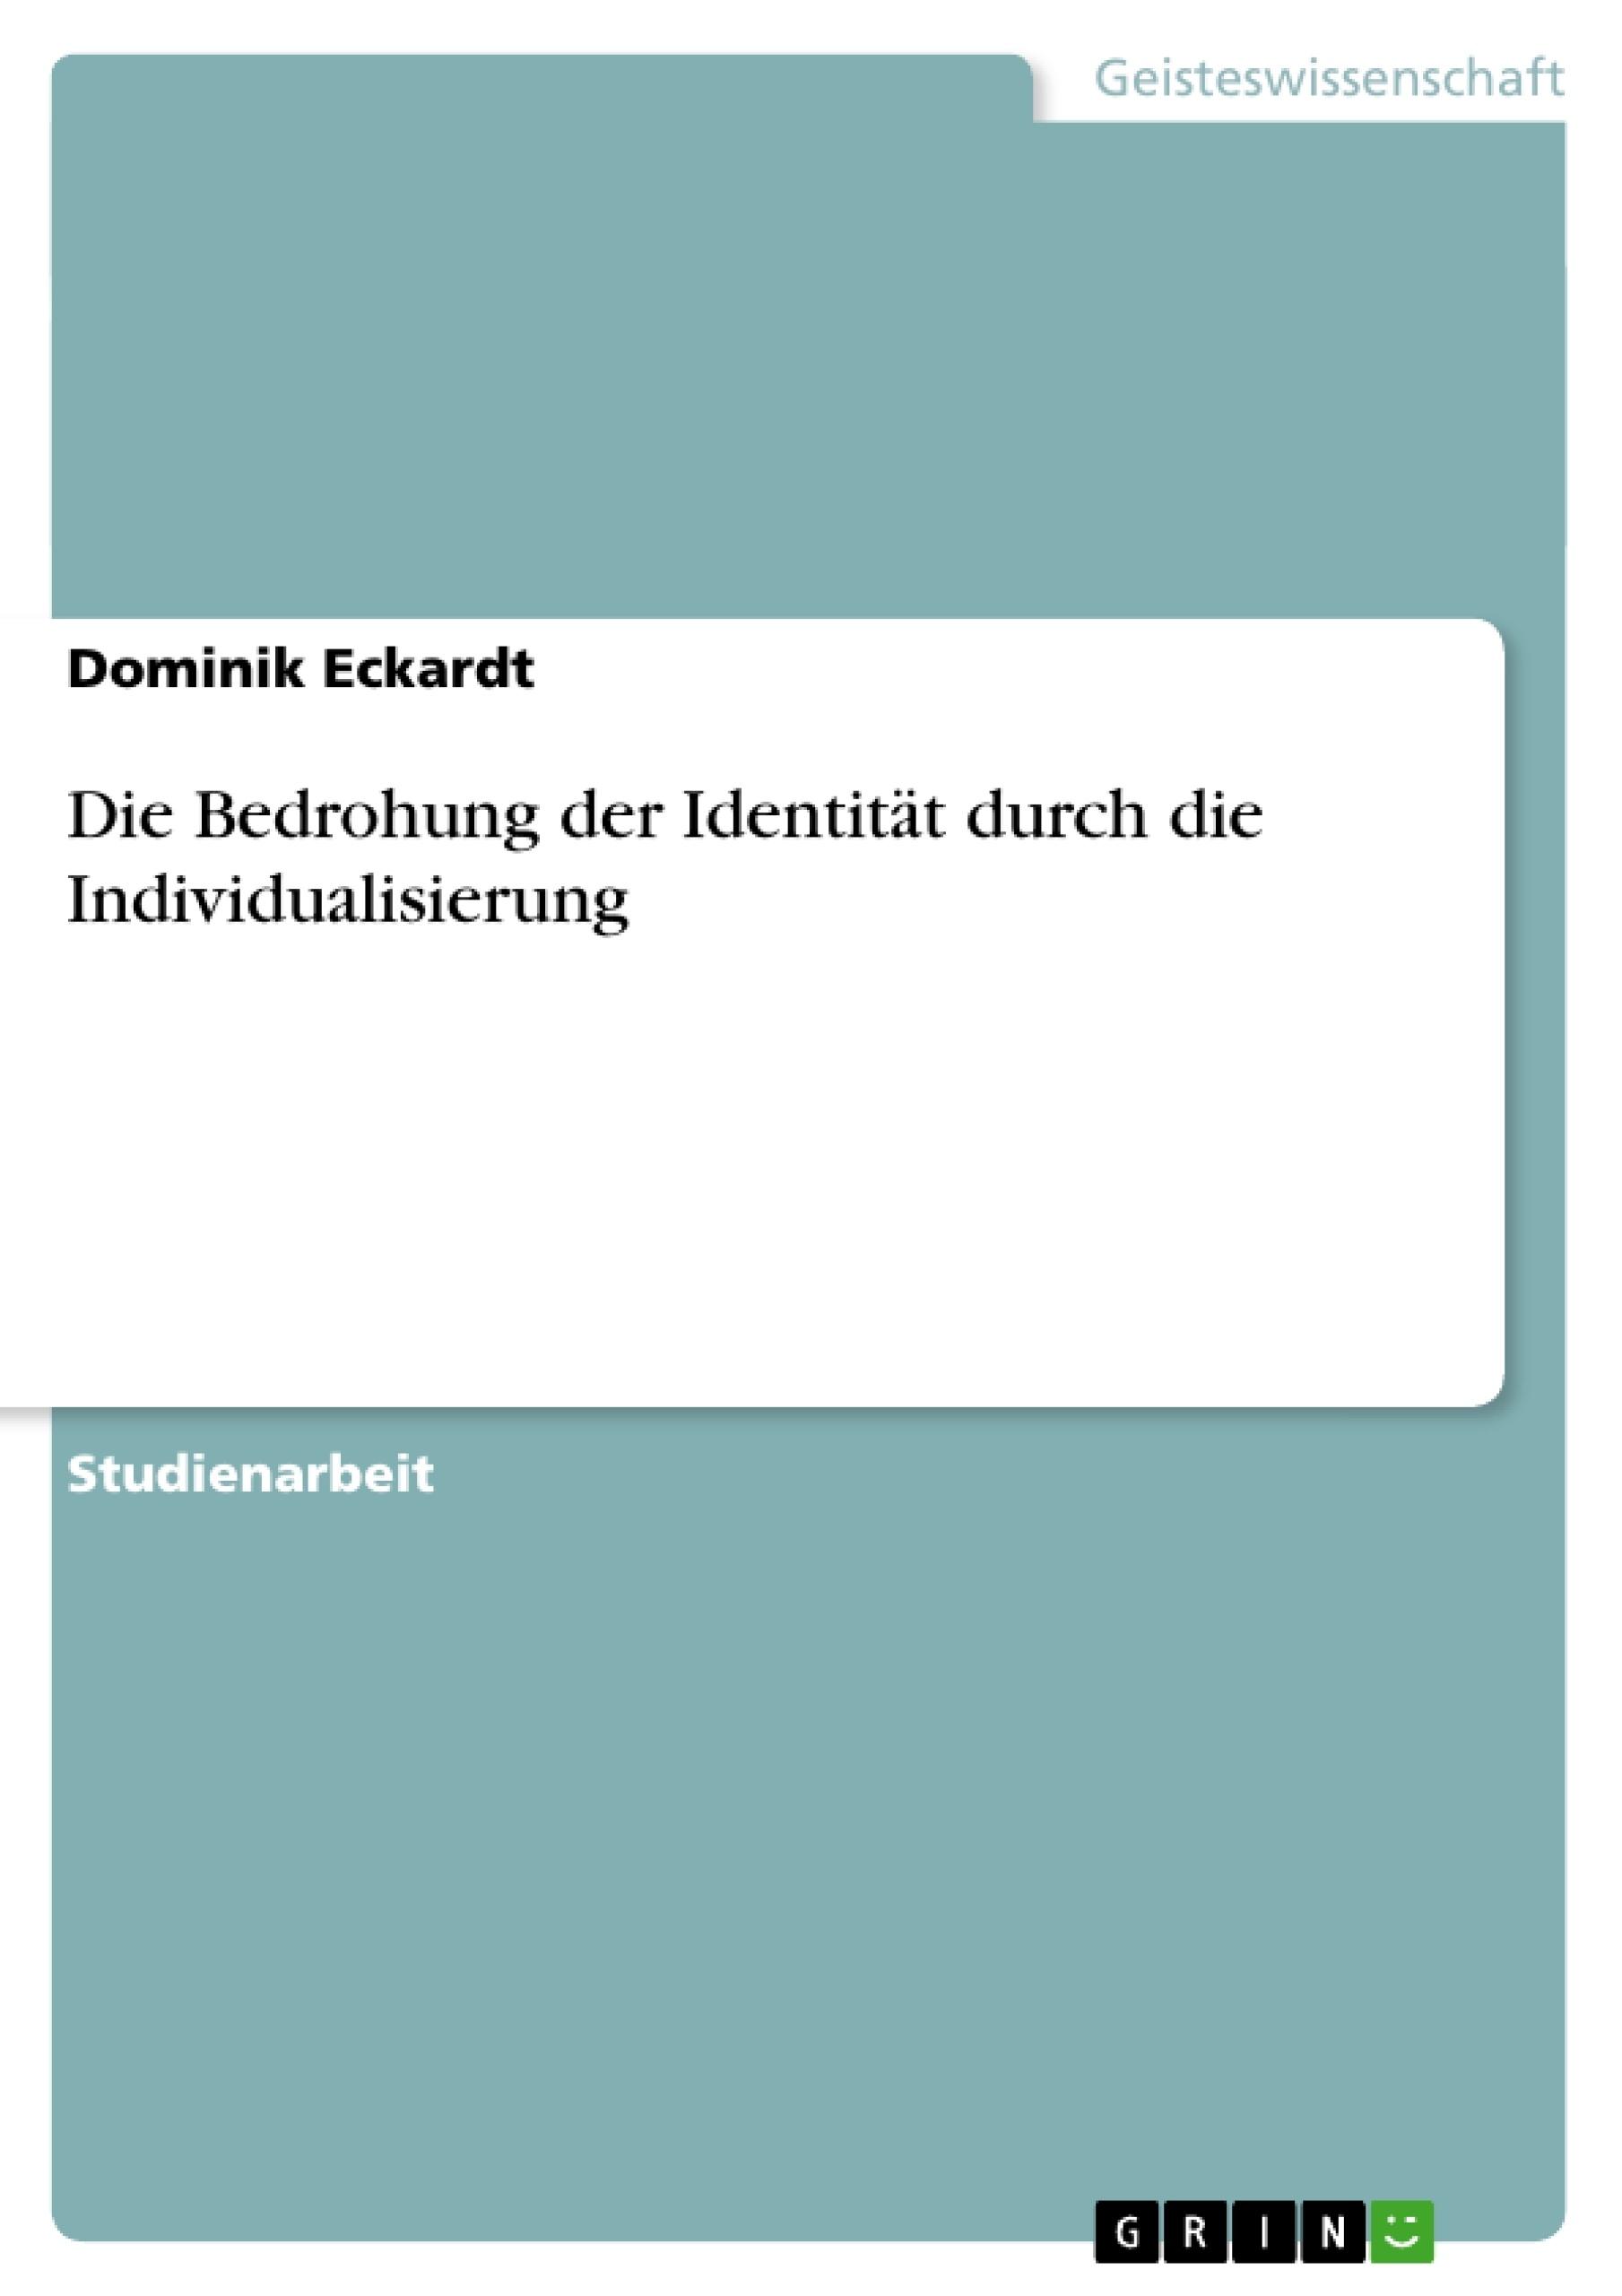 Titel: Die Bedrohung der Identität durch die Individualisierung